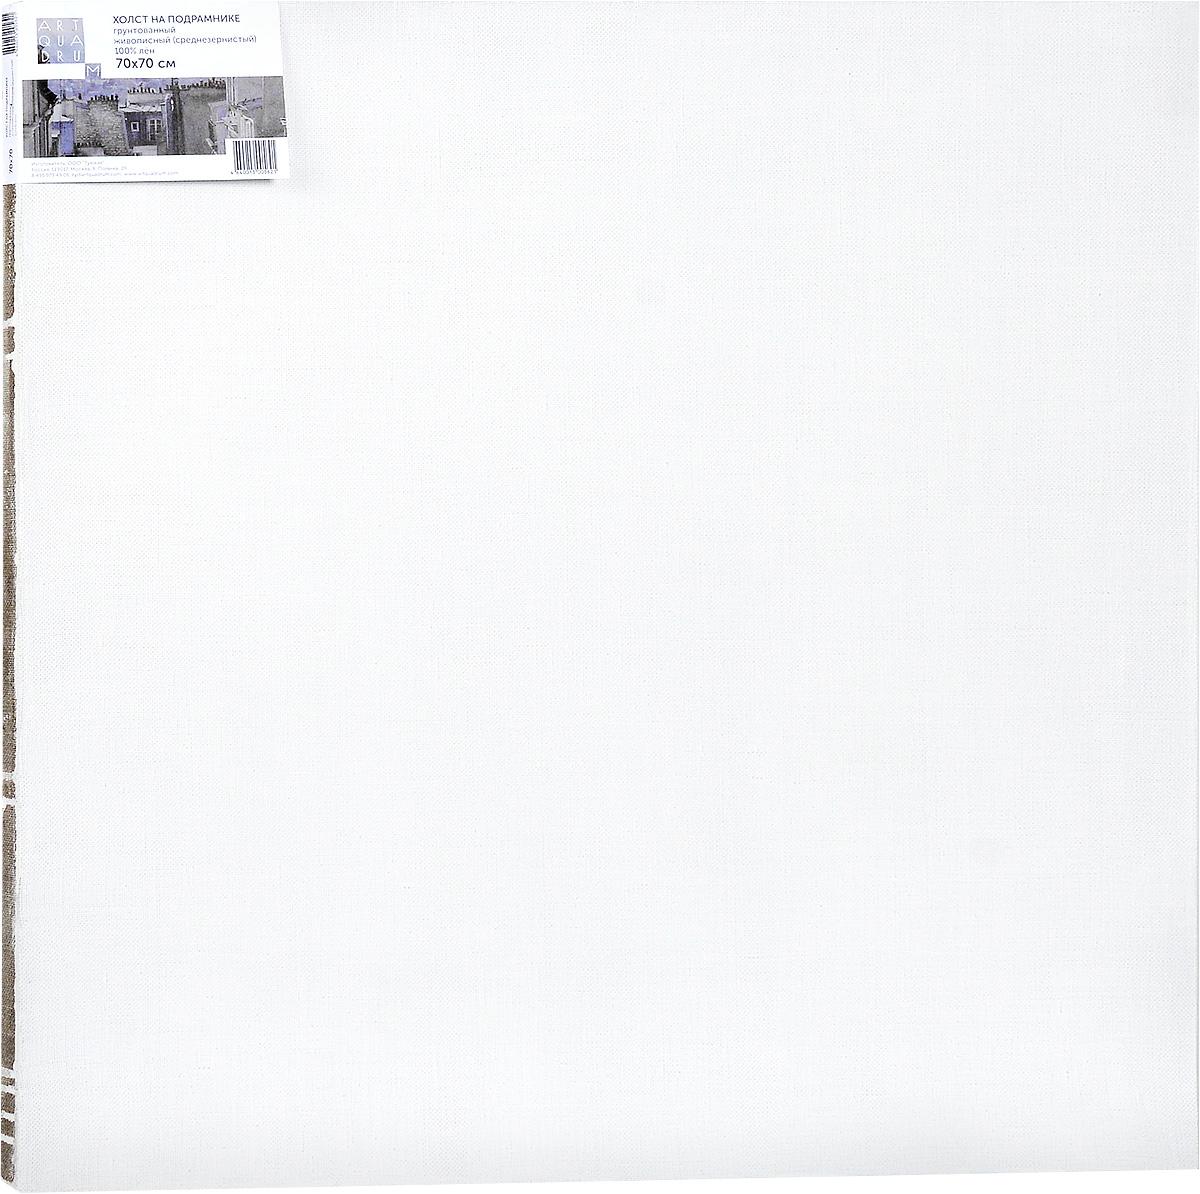 Холст ArtQuaDram Живописный на подрамнике, среднезернистый, грунтованный, 70 х 70 см00-00002584Холст на деревянном подрамнике ArtQuaDram Живописный изготовлен из 100% натурального льна. Подходит для профессионалов и художников. Холст не трескается, не впитывает слишком много краски, цвет краски и качество не изменяются. Холст идеально подходит для масляной и акриловой живописи.